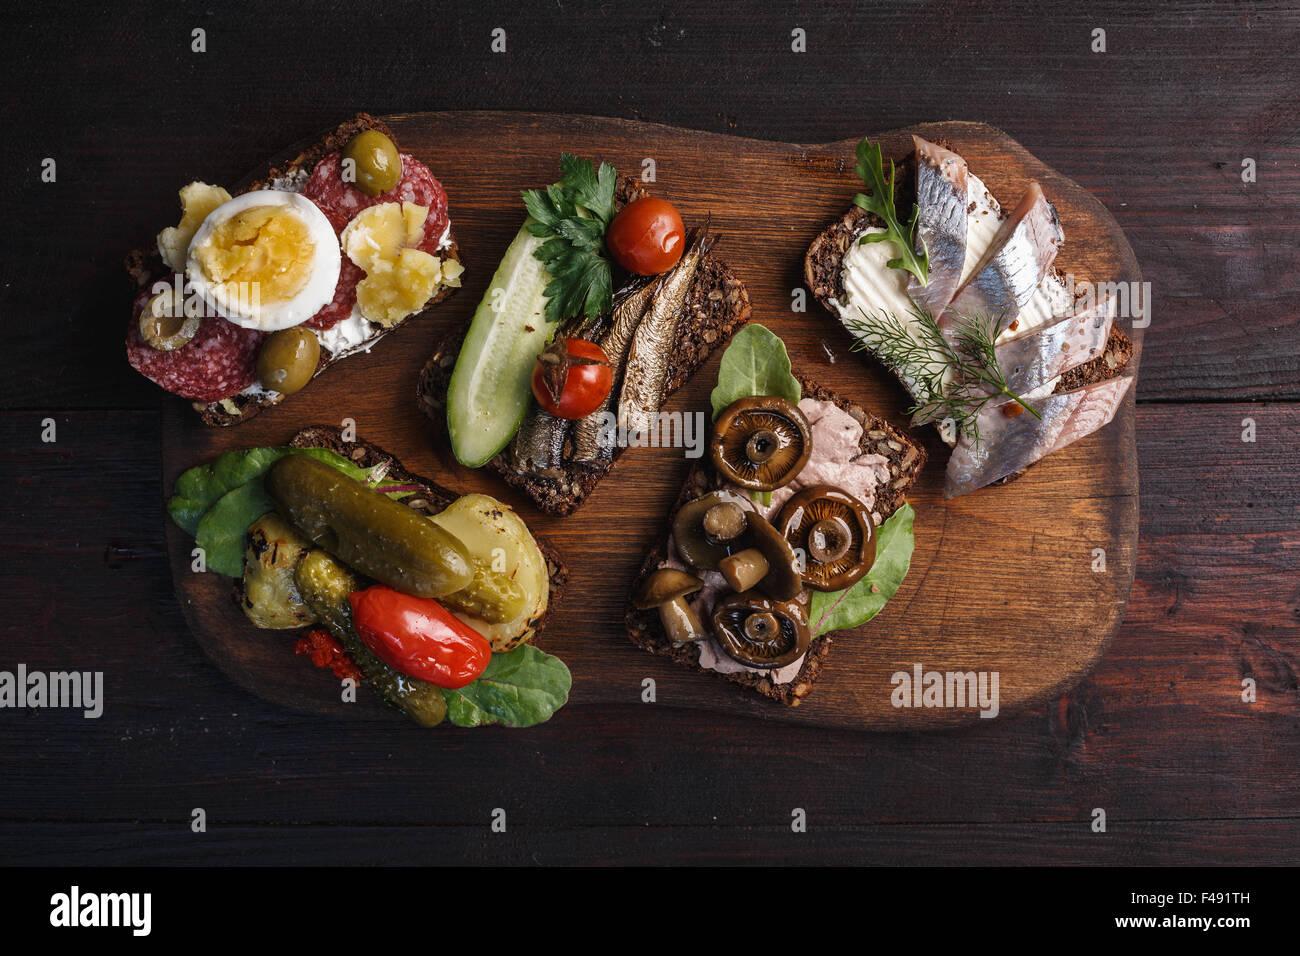 Varietà di aprire panini di dense imburrato, scuro pane di segale con diversi condimenti. Smorrebrods danese Immagini Stock